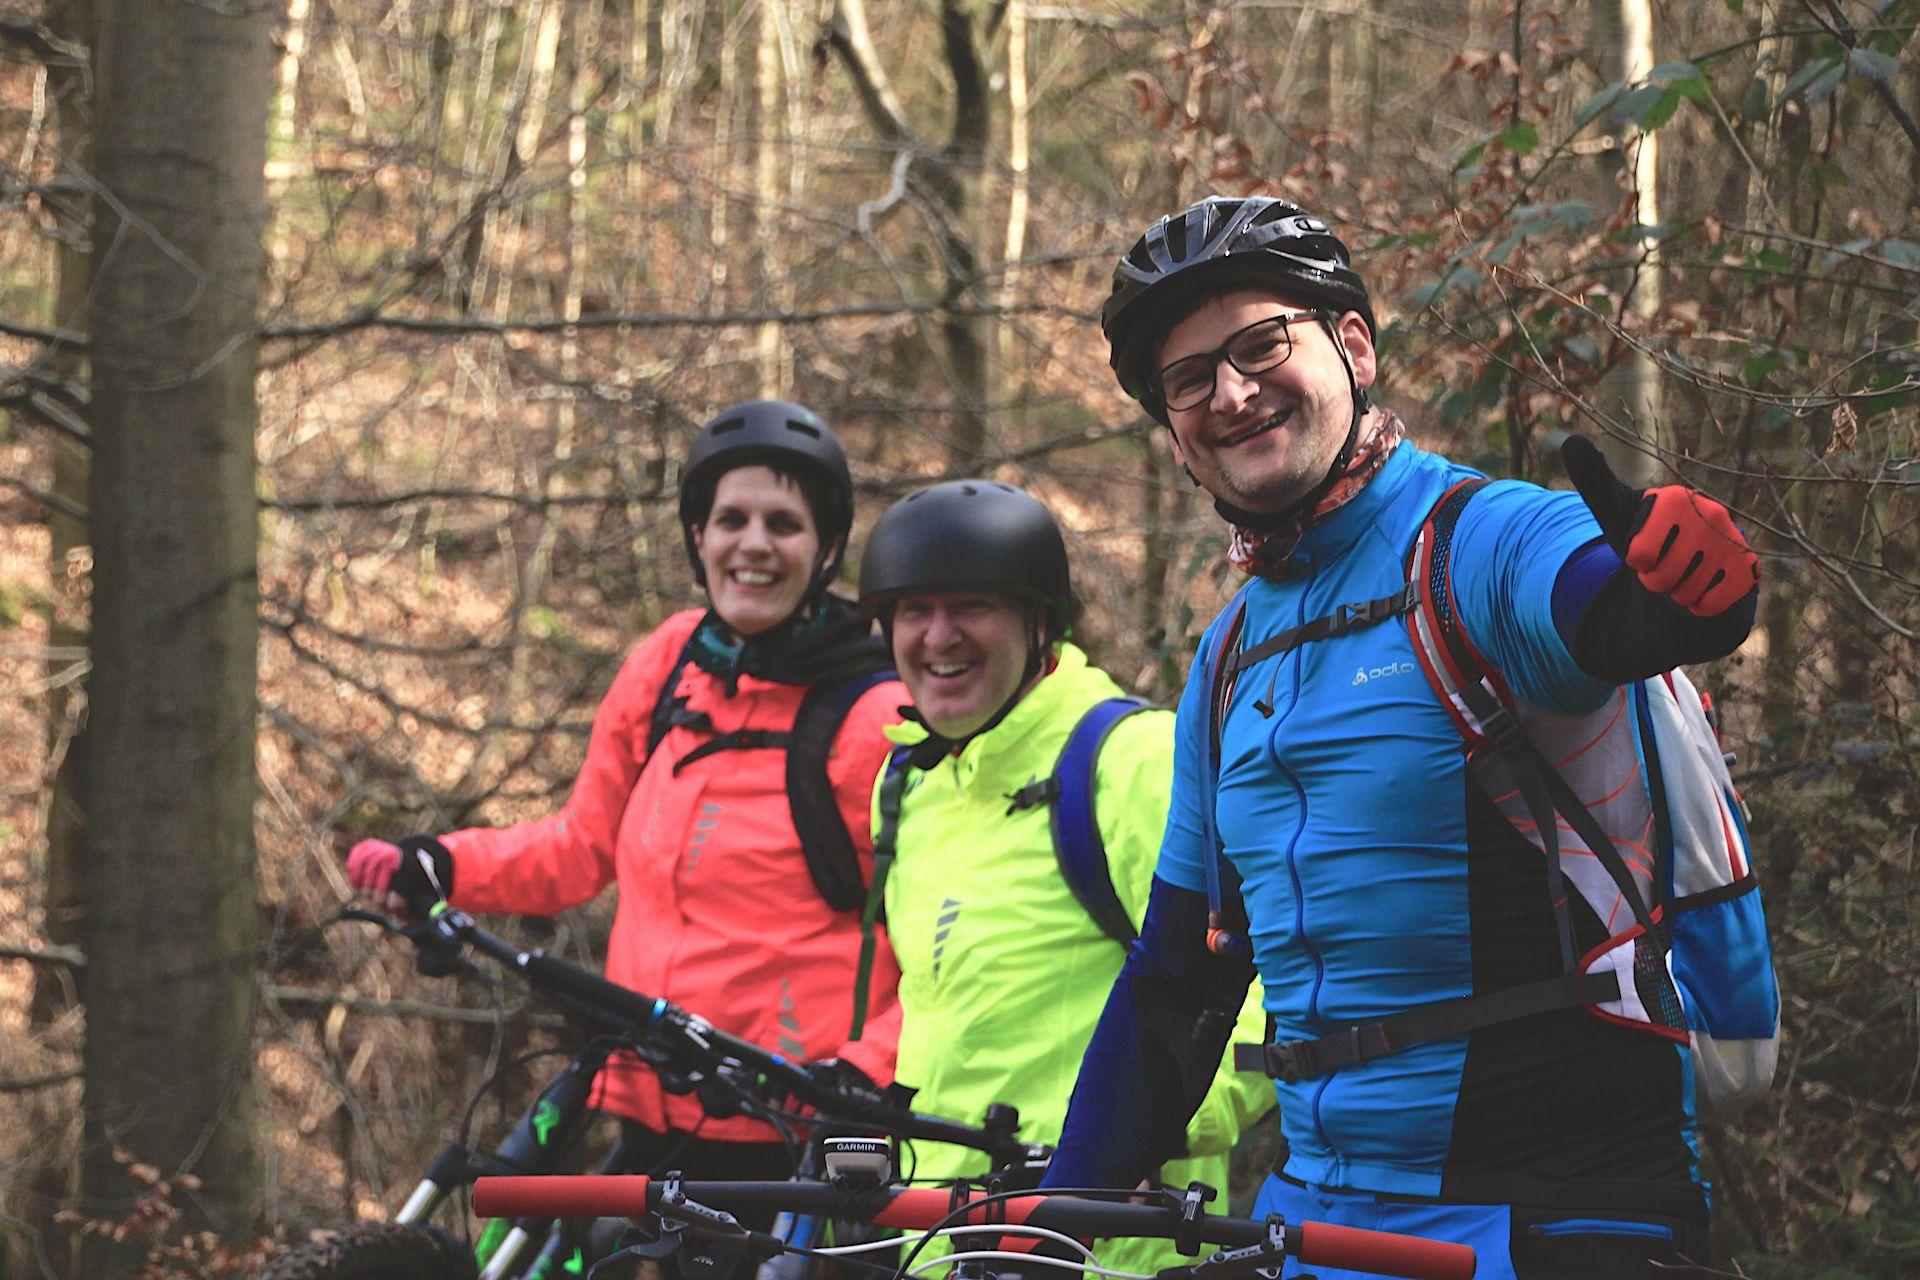 MTB Fahrtechnik Kurse Training Einsteiger Fortgeschritten Beginner Rock my Trail Bikeschule -